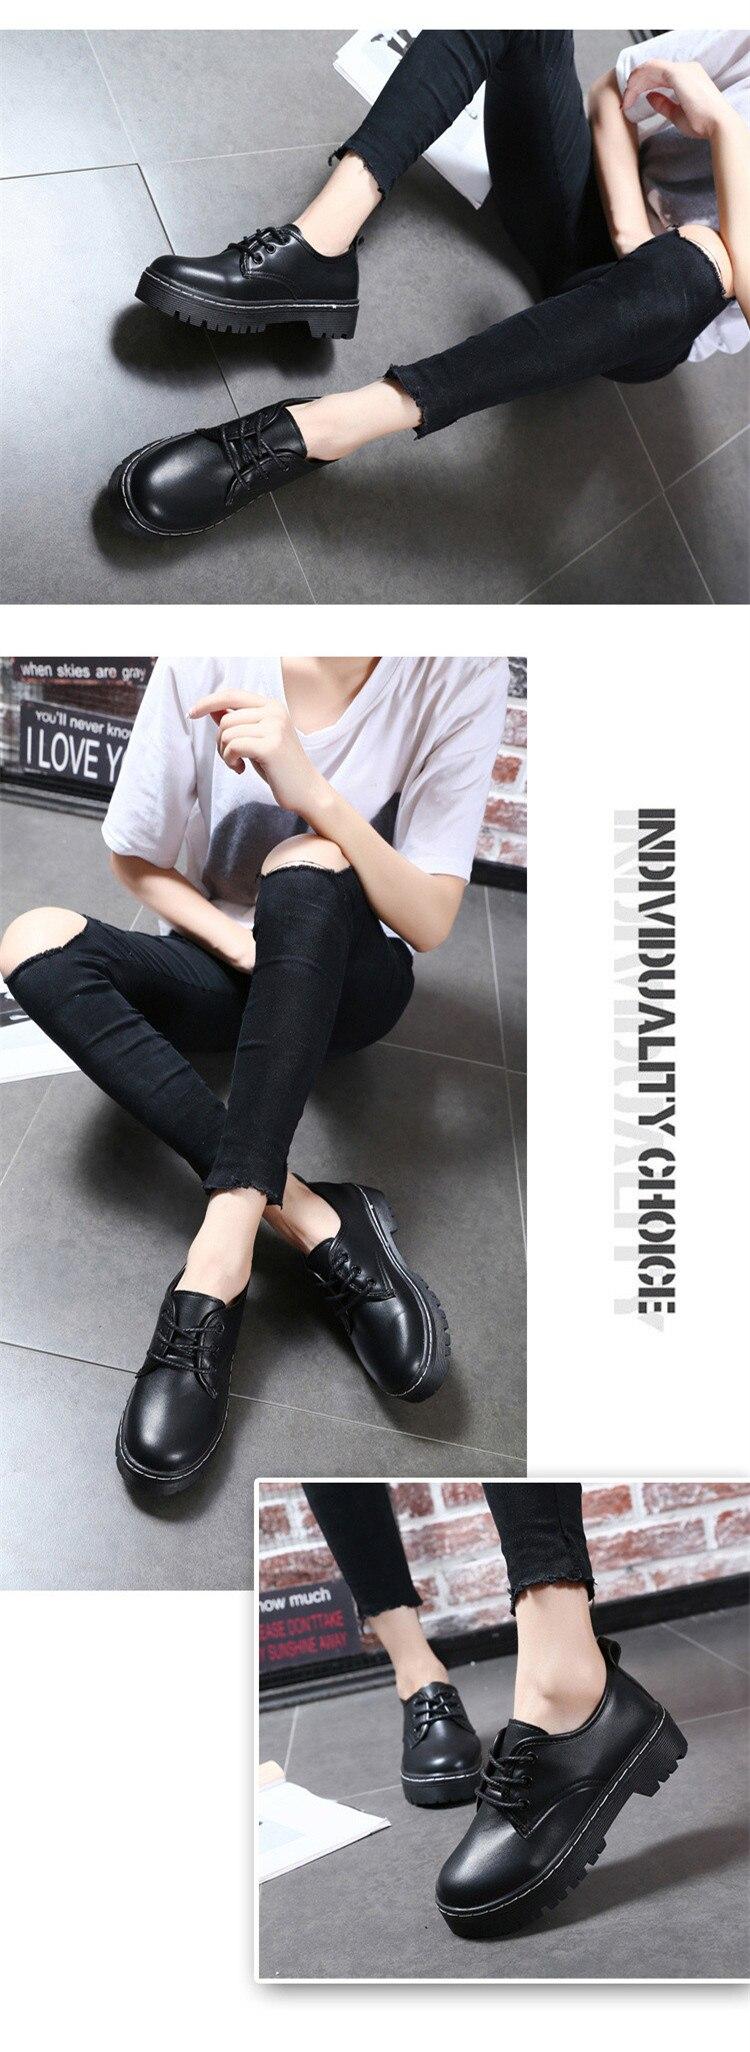 Mulheres Bombas Novo Estilo Sólidos Senhoras Sapatos